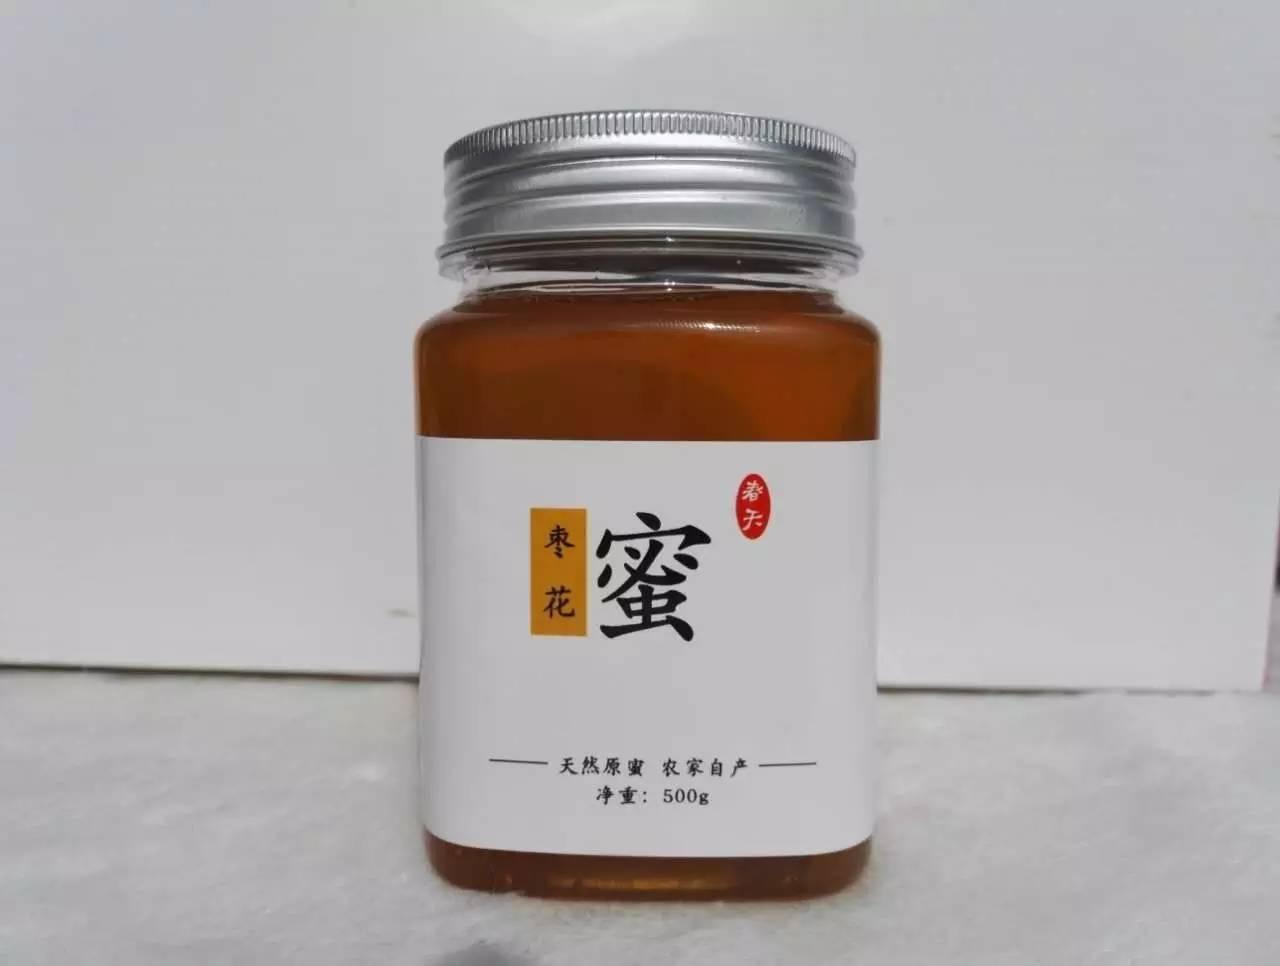 蜂蜜柠檬止咳 萝卜蜂蜜咳嗽 蜂蜜柠檬水的禁忌 杞子加蜂蜜 蜂蜜焦糖是藤本吗